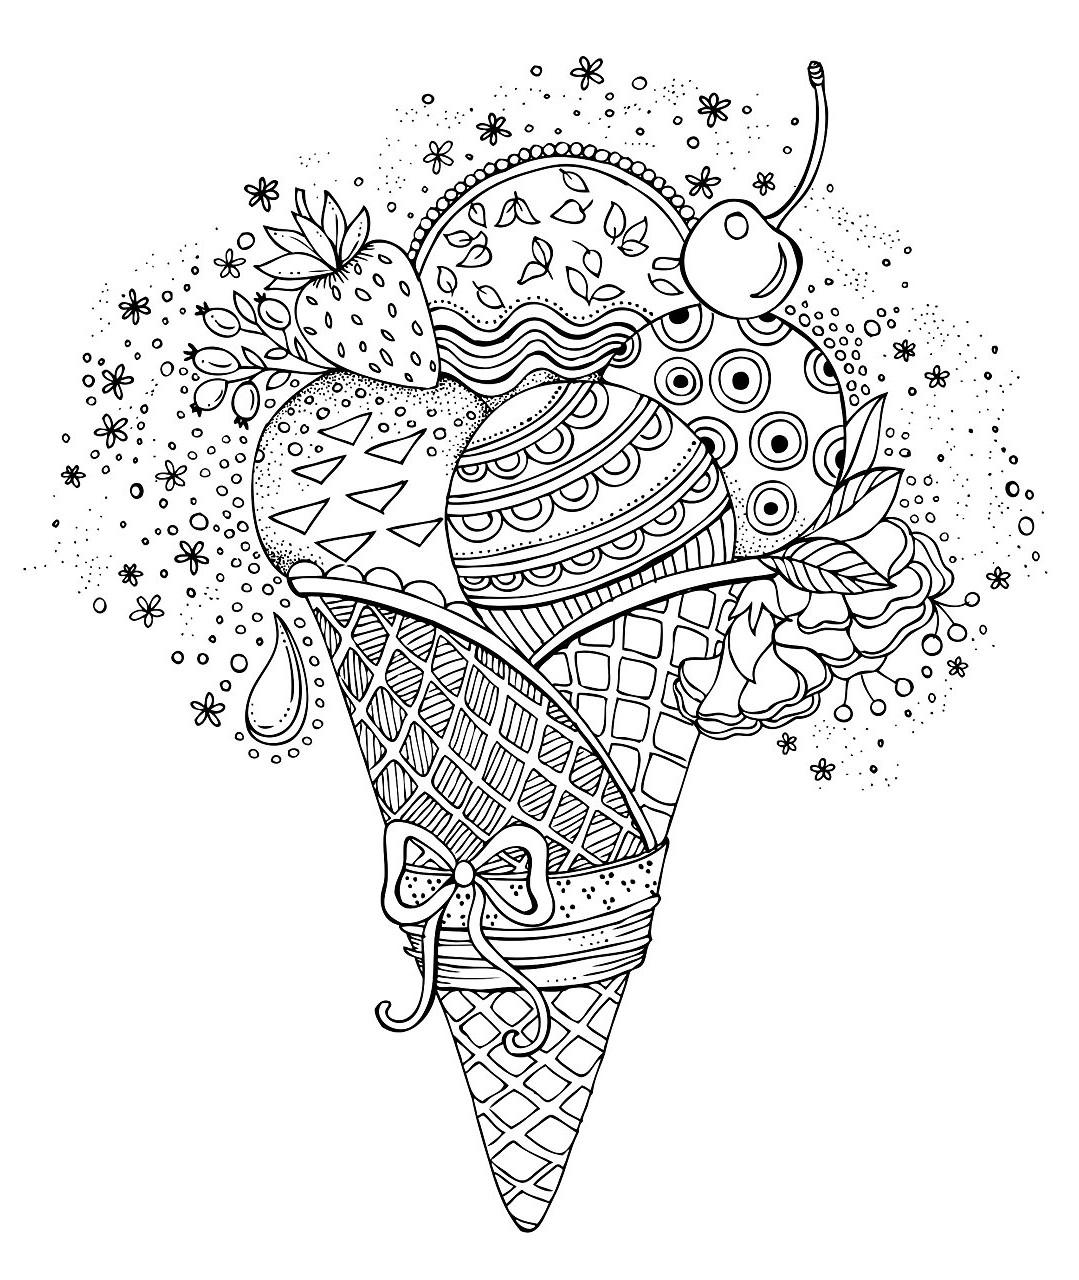 мороженое рожок с фруктами сладости раскраски антистресс